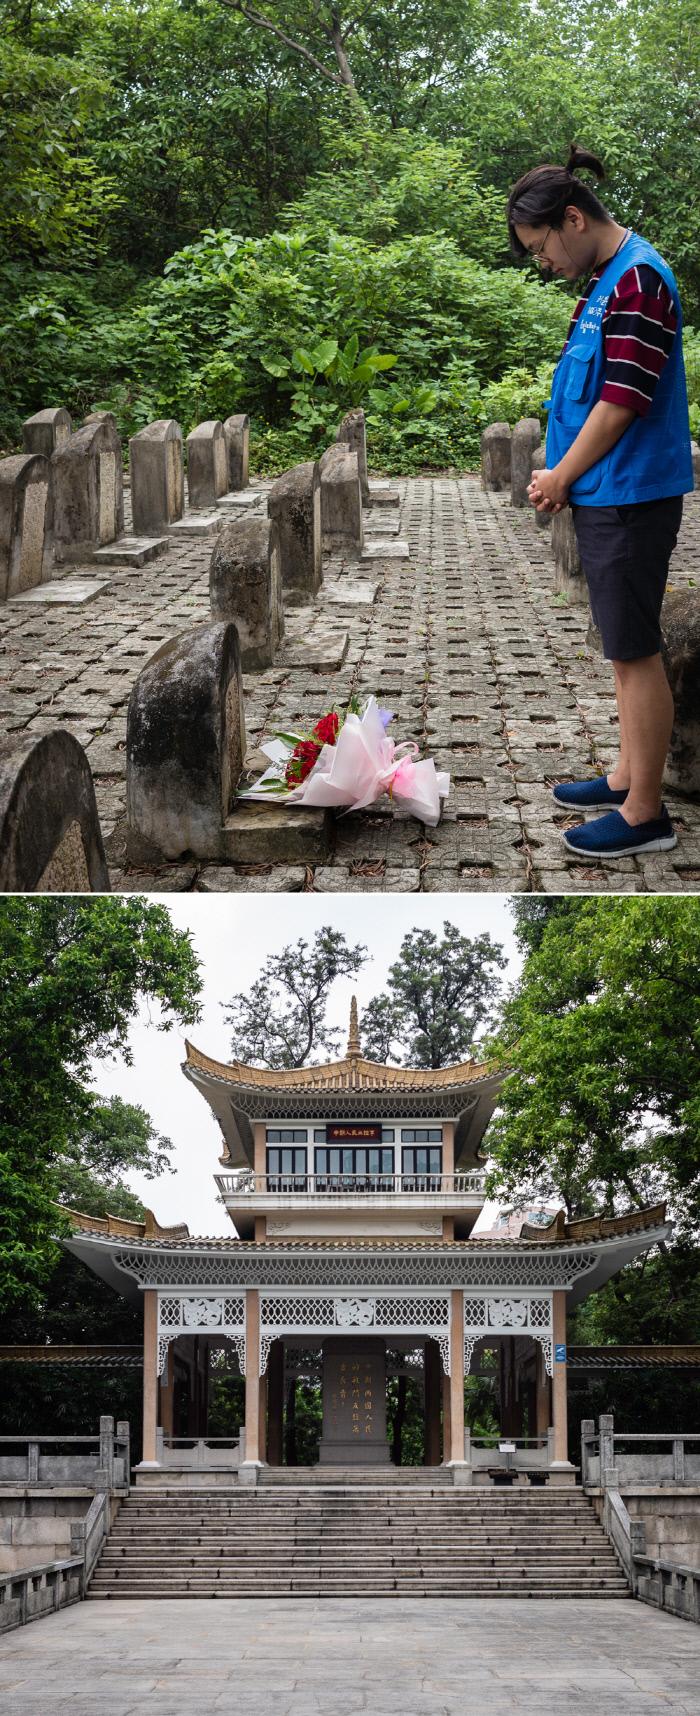 지난달 17일 중국 광저우 동정진망열사묘원의 학생묘원에 묻힌 안태 선생의 묘비(위쪽 사진)에 독립대장정에 참여한 시민이 꽃을 두고 묵념하고 있다. 광저우의 기의열사능원 안에도 1920년대 중국혁명의 소용돌이에 휩쓸려 희생당한 조선인 150명을 기리는 정자(아래)가 세워져 있다.  김동우 사진작가 제공